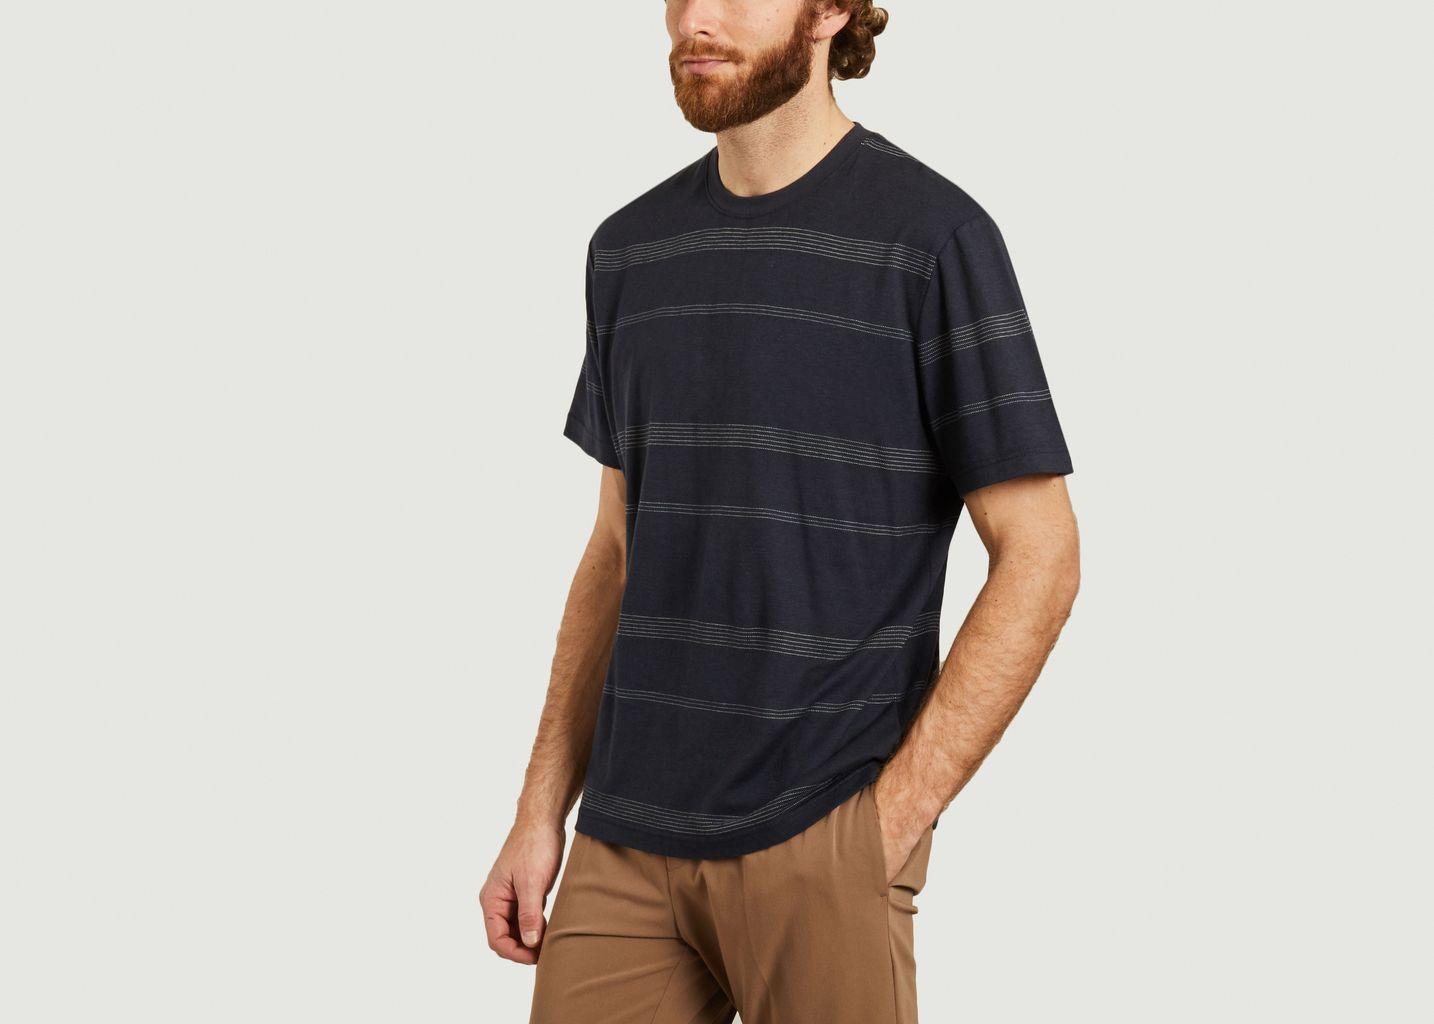 T-shirt Jonas - Samsoe Samsoe